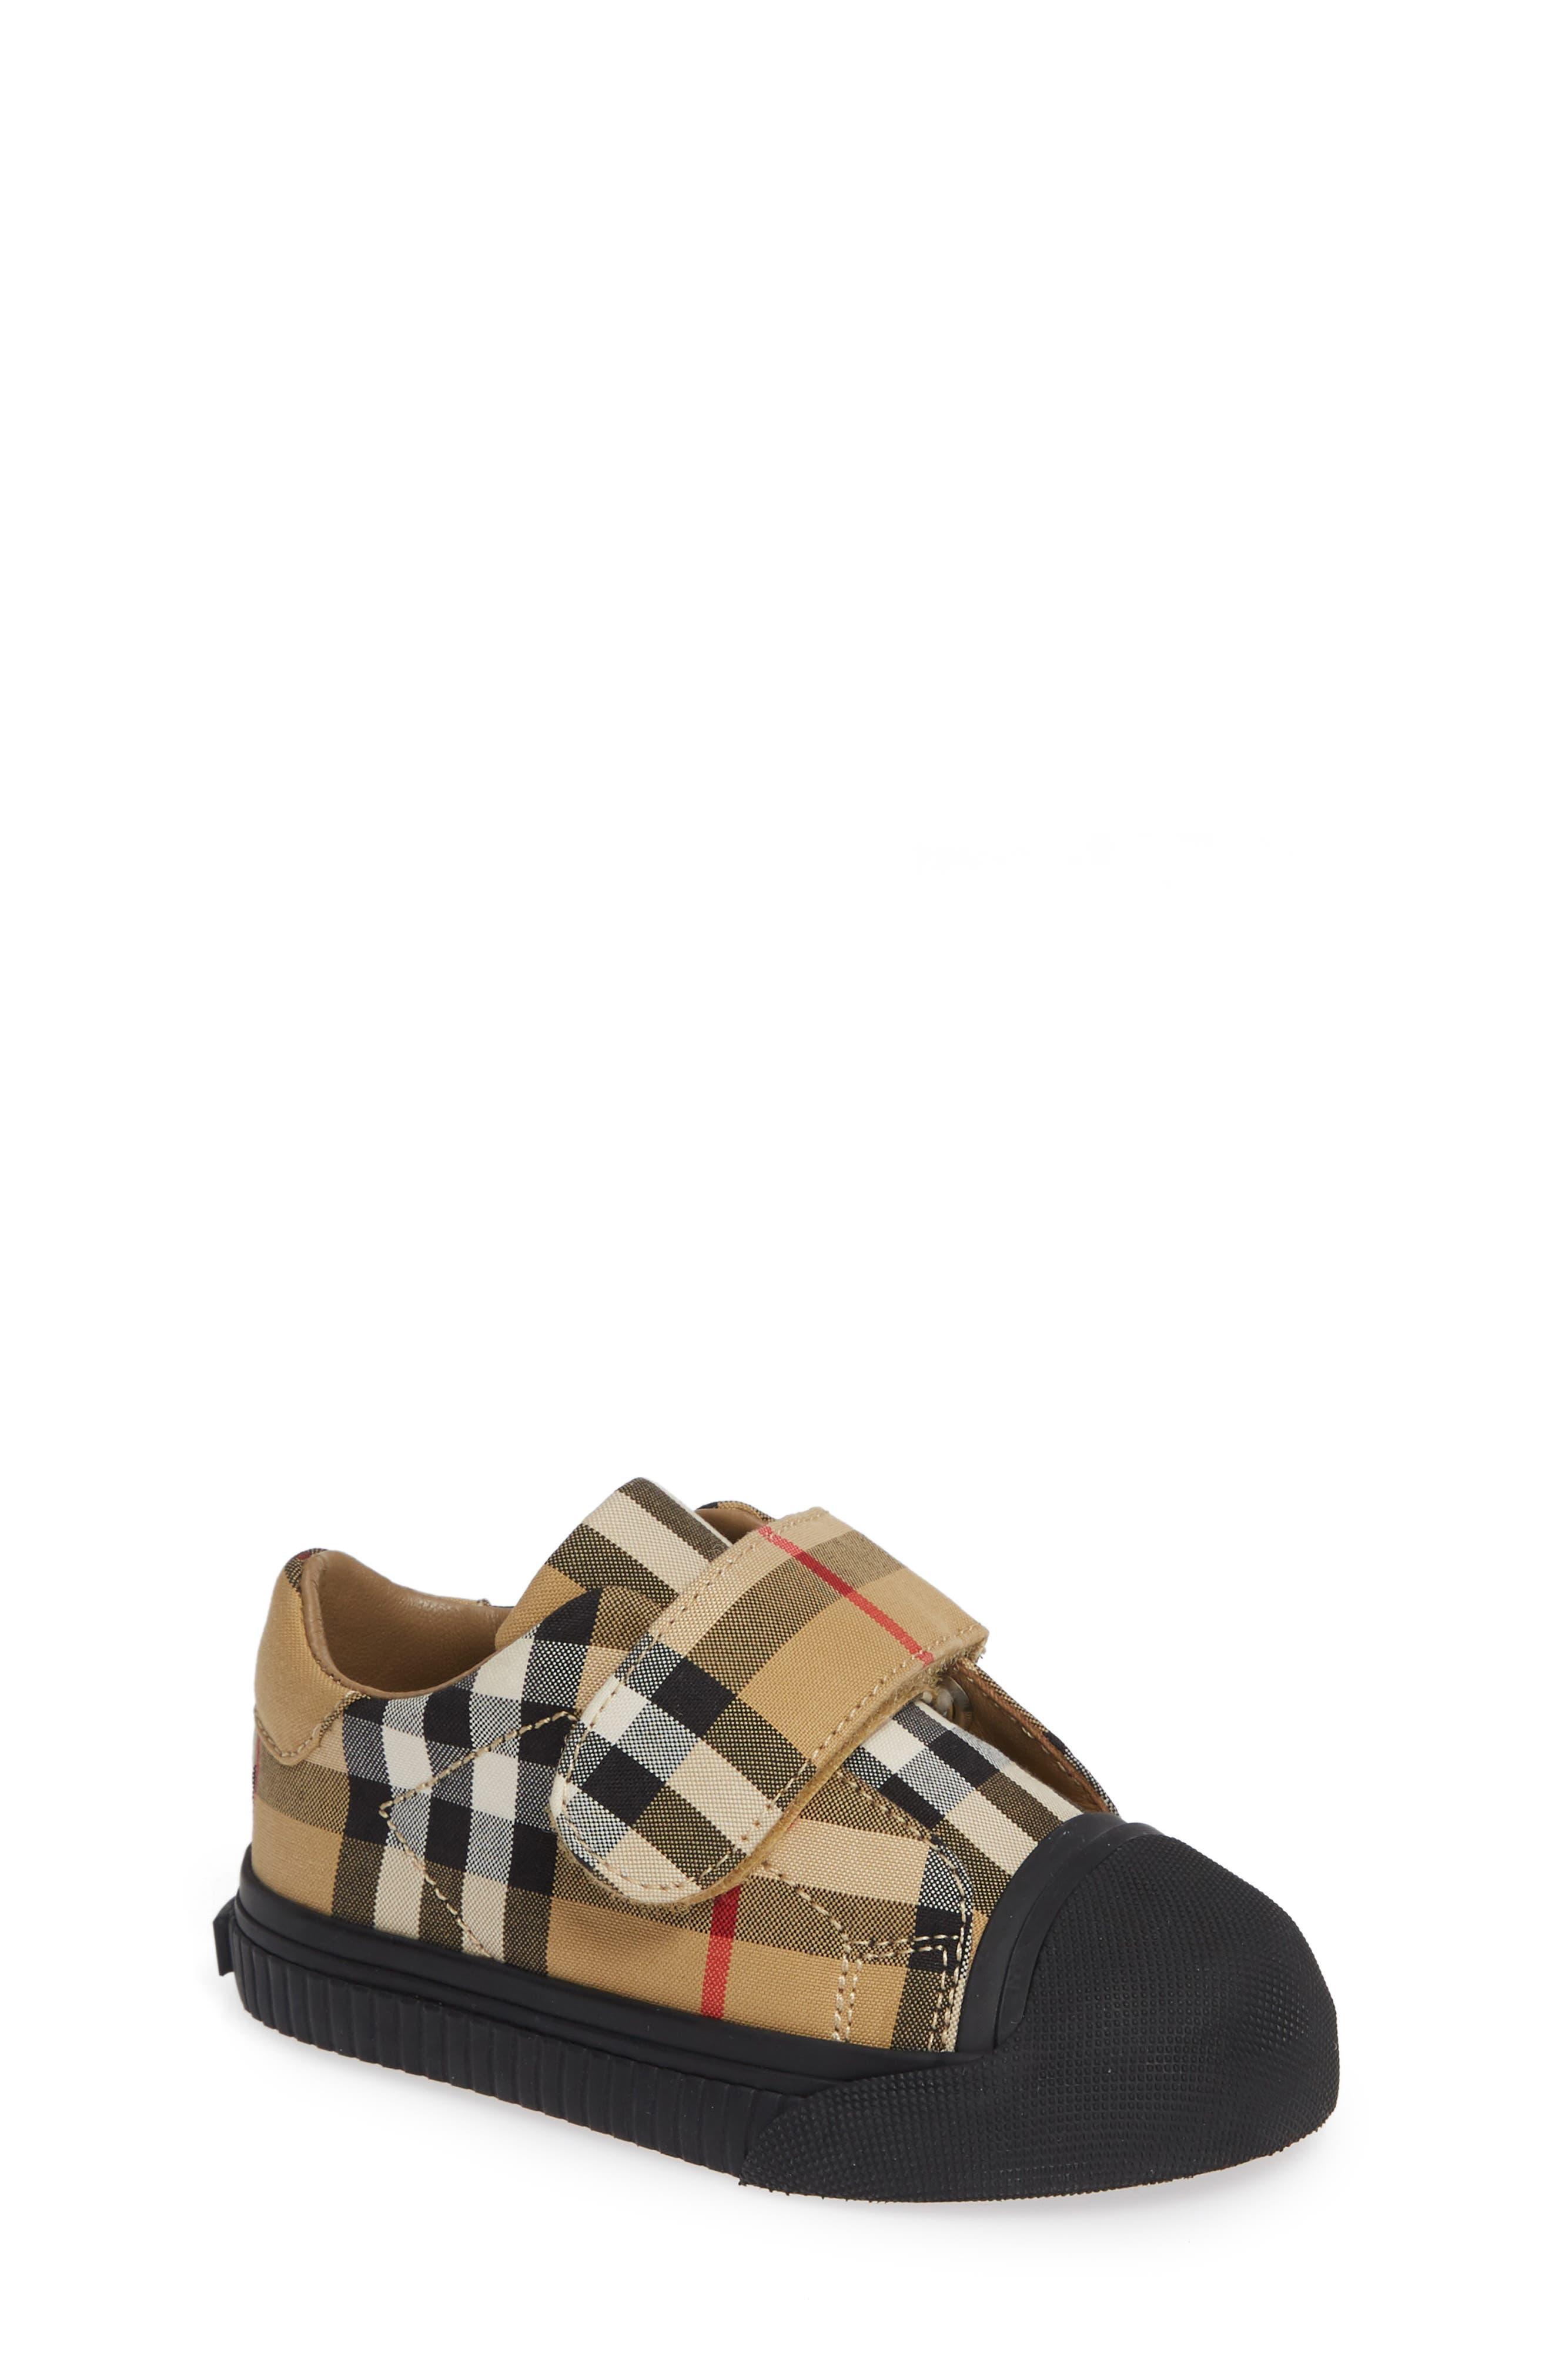 Beech Check Sneaker,                         Main,                         color, 001